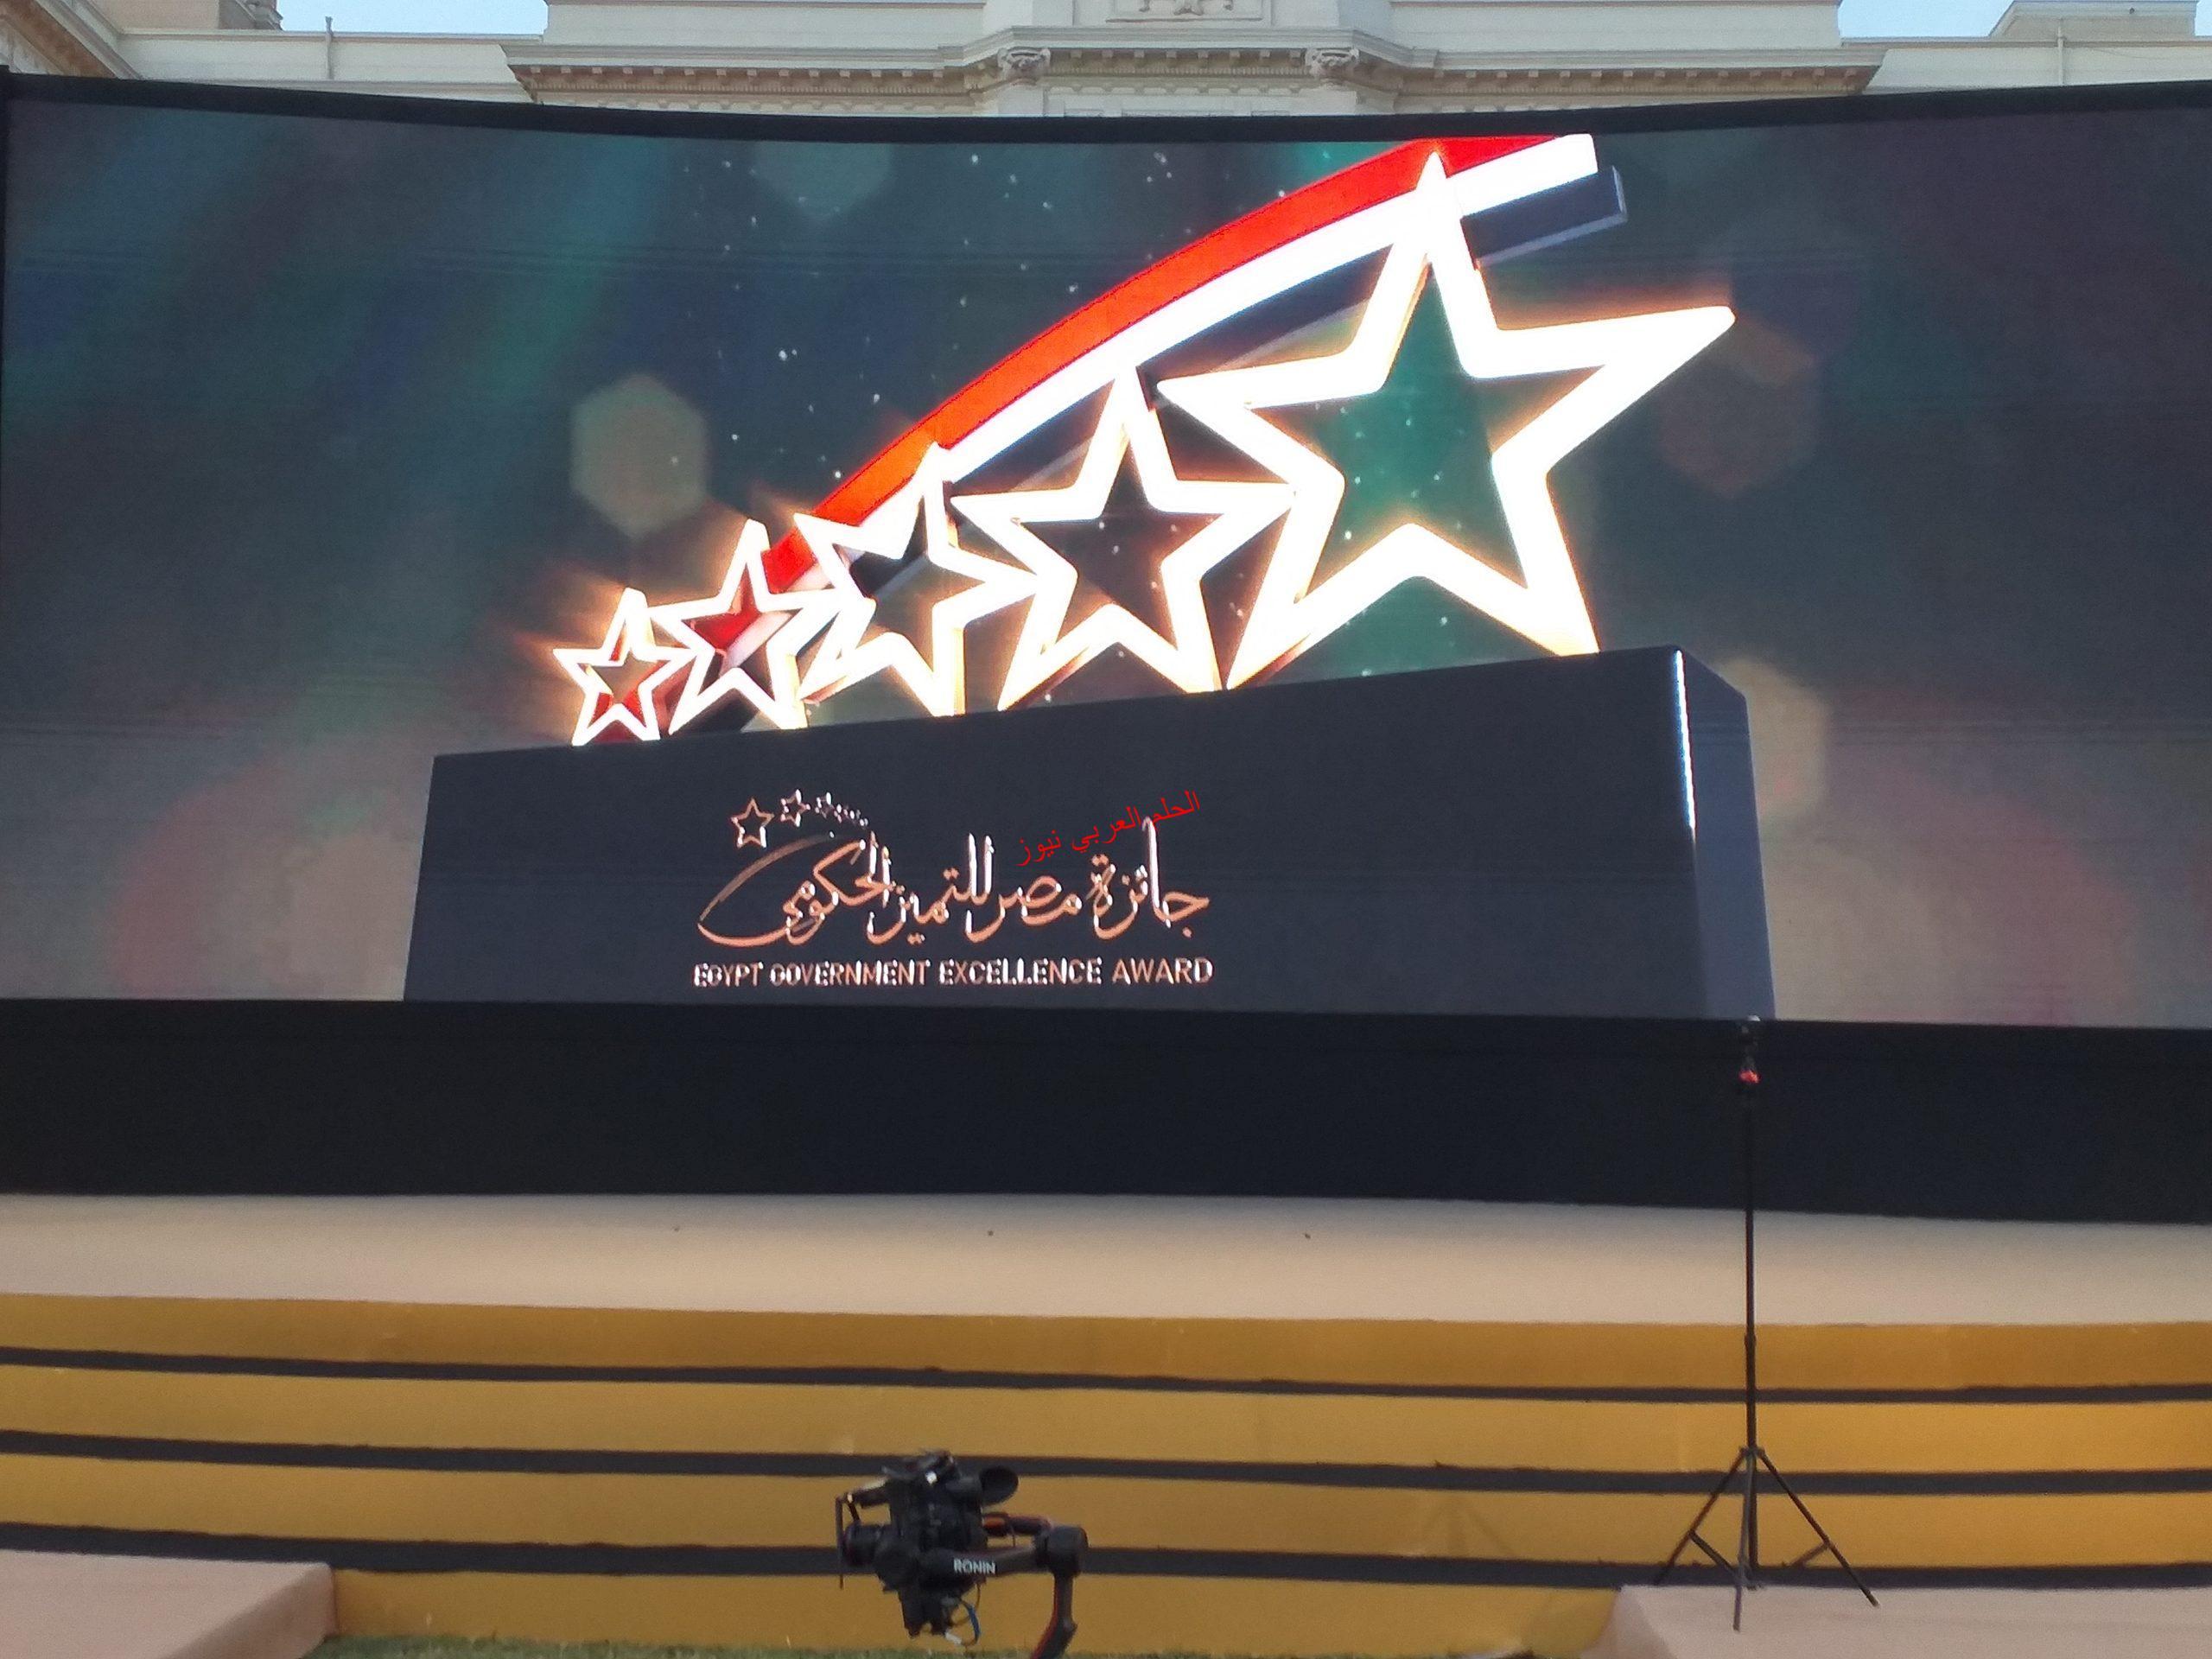 الأن جائزة مصر للتميز الحكومي بقصر القبة الرئاسي بقلم ليلي حسين